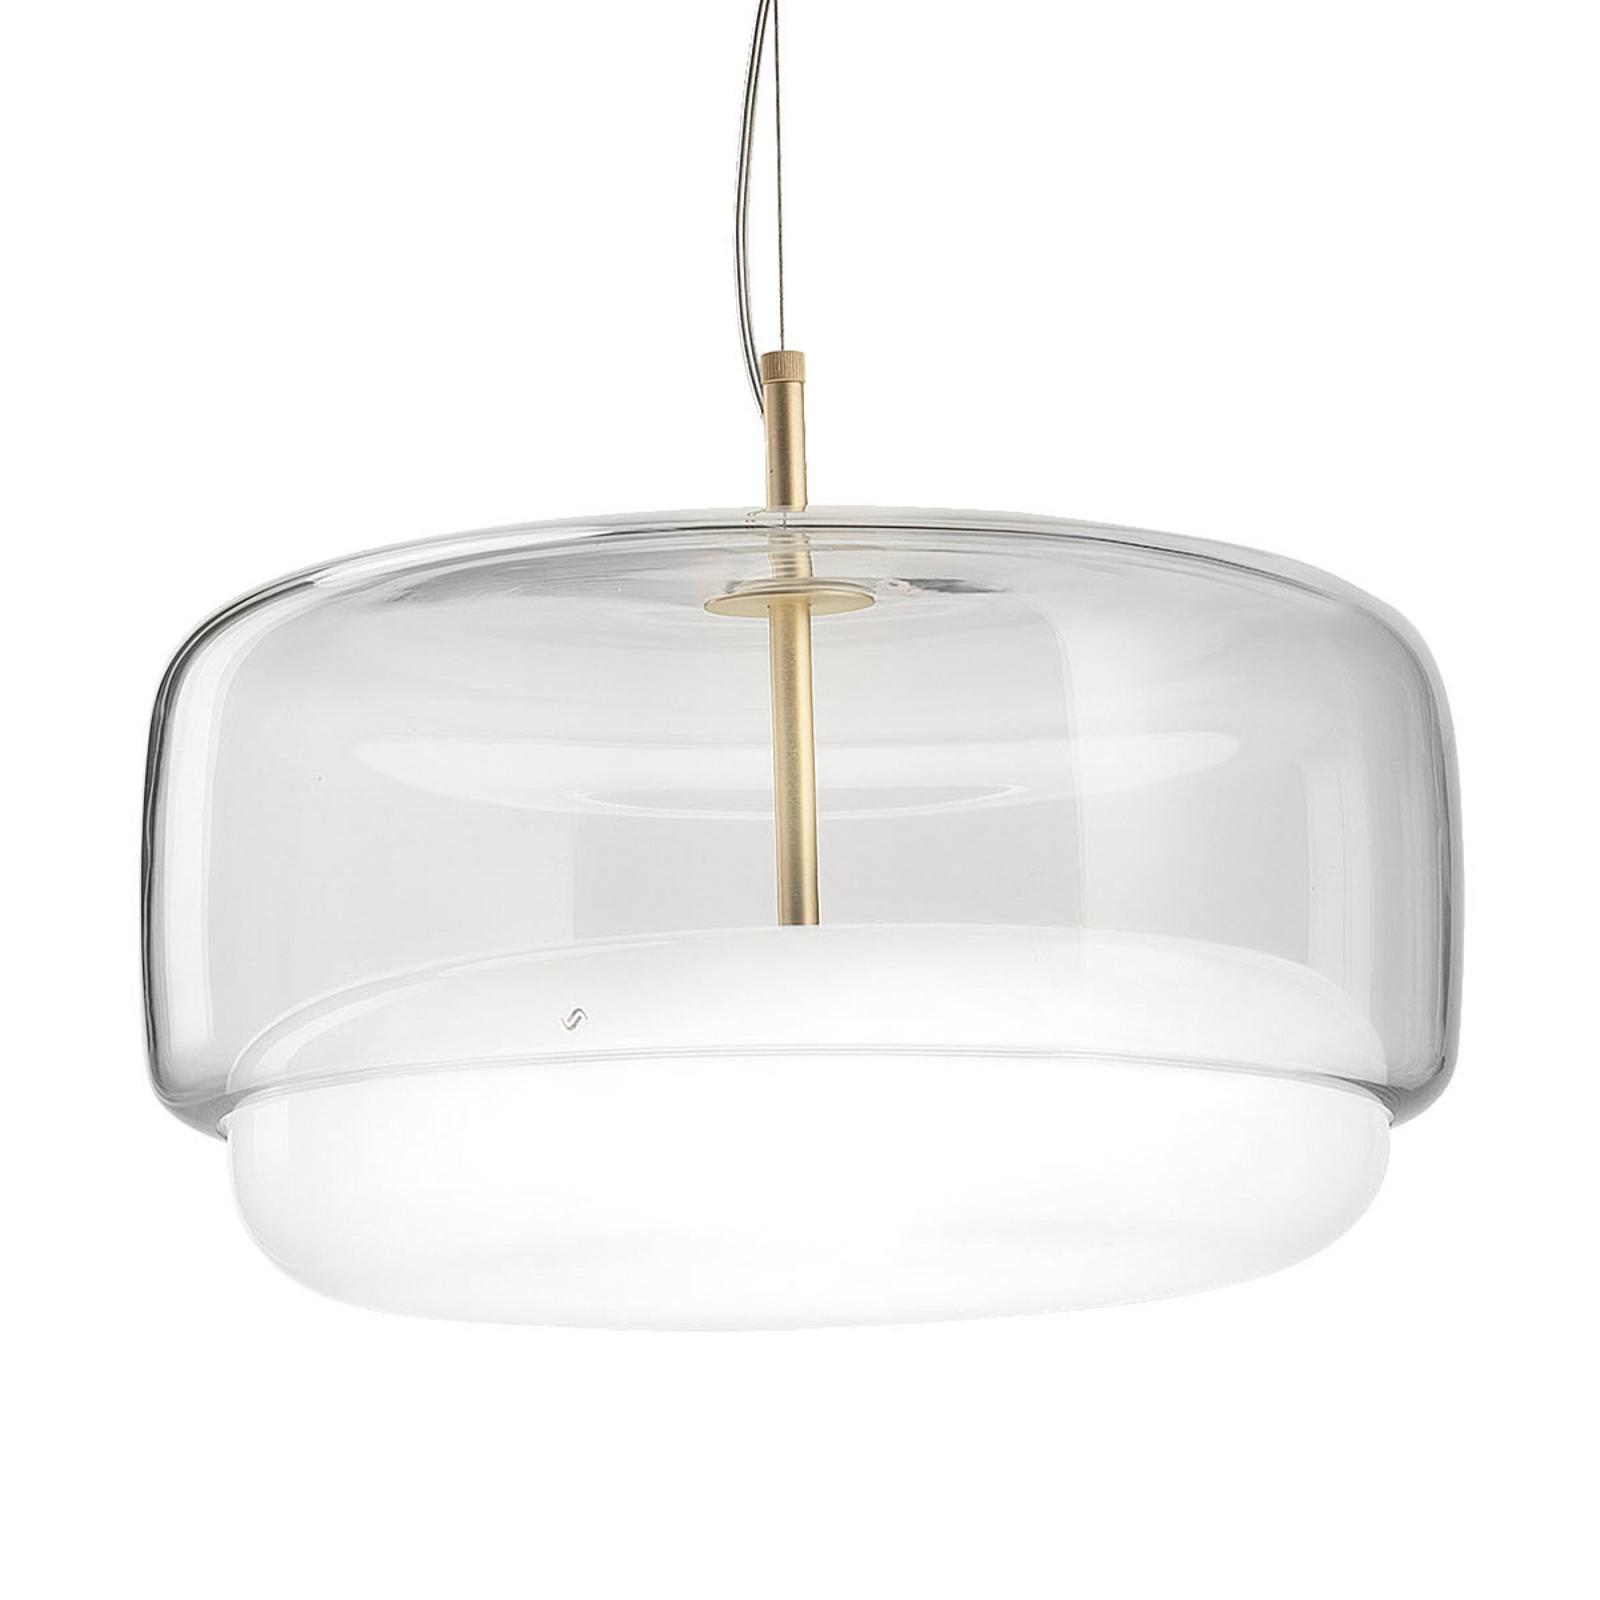 LED-riippuvalaisin Jube SP G, kirkas/valkoinen